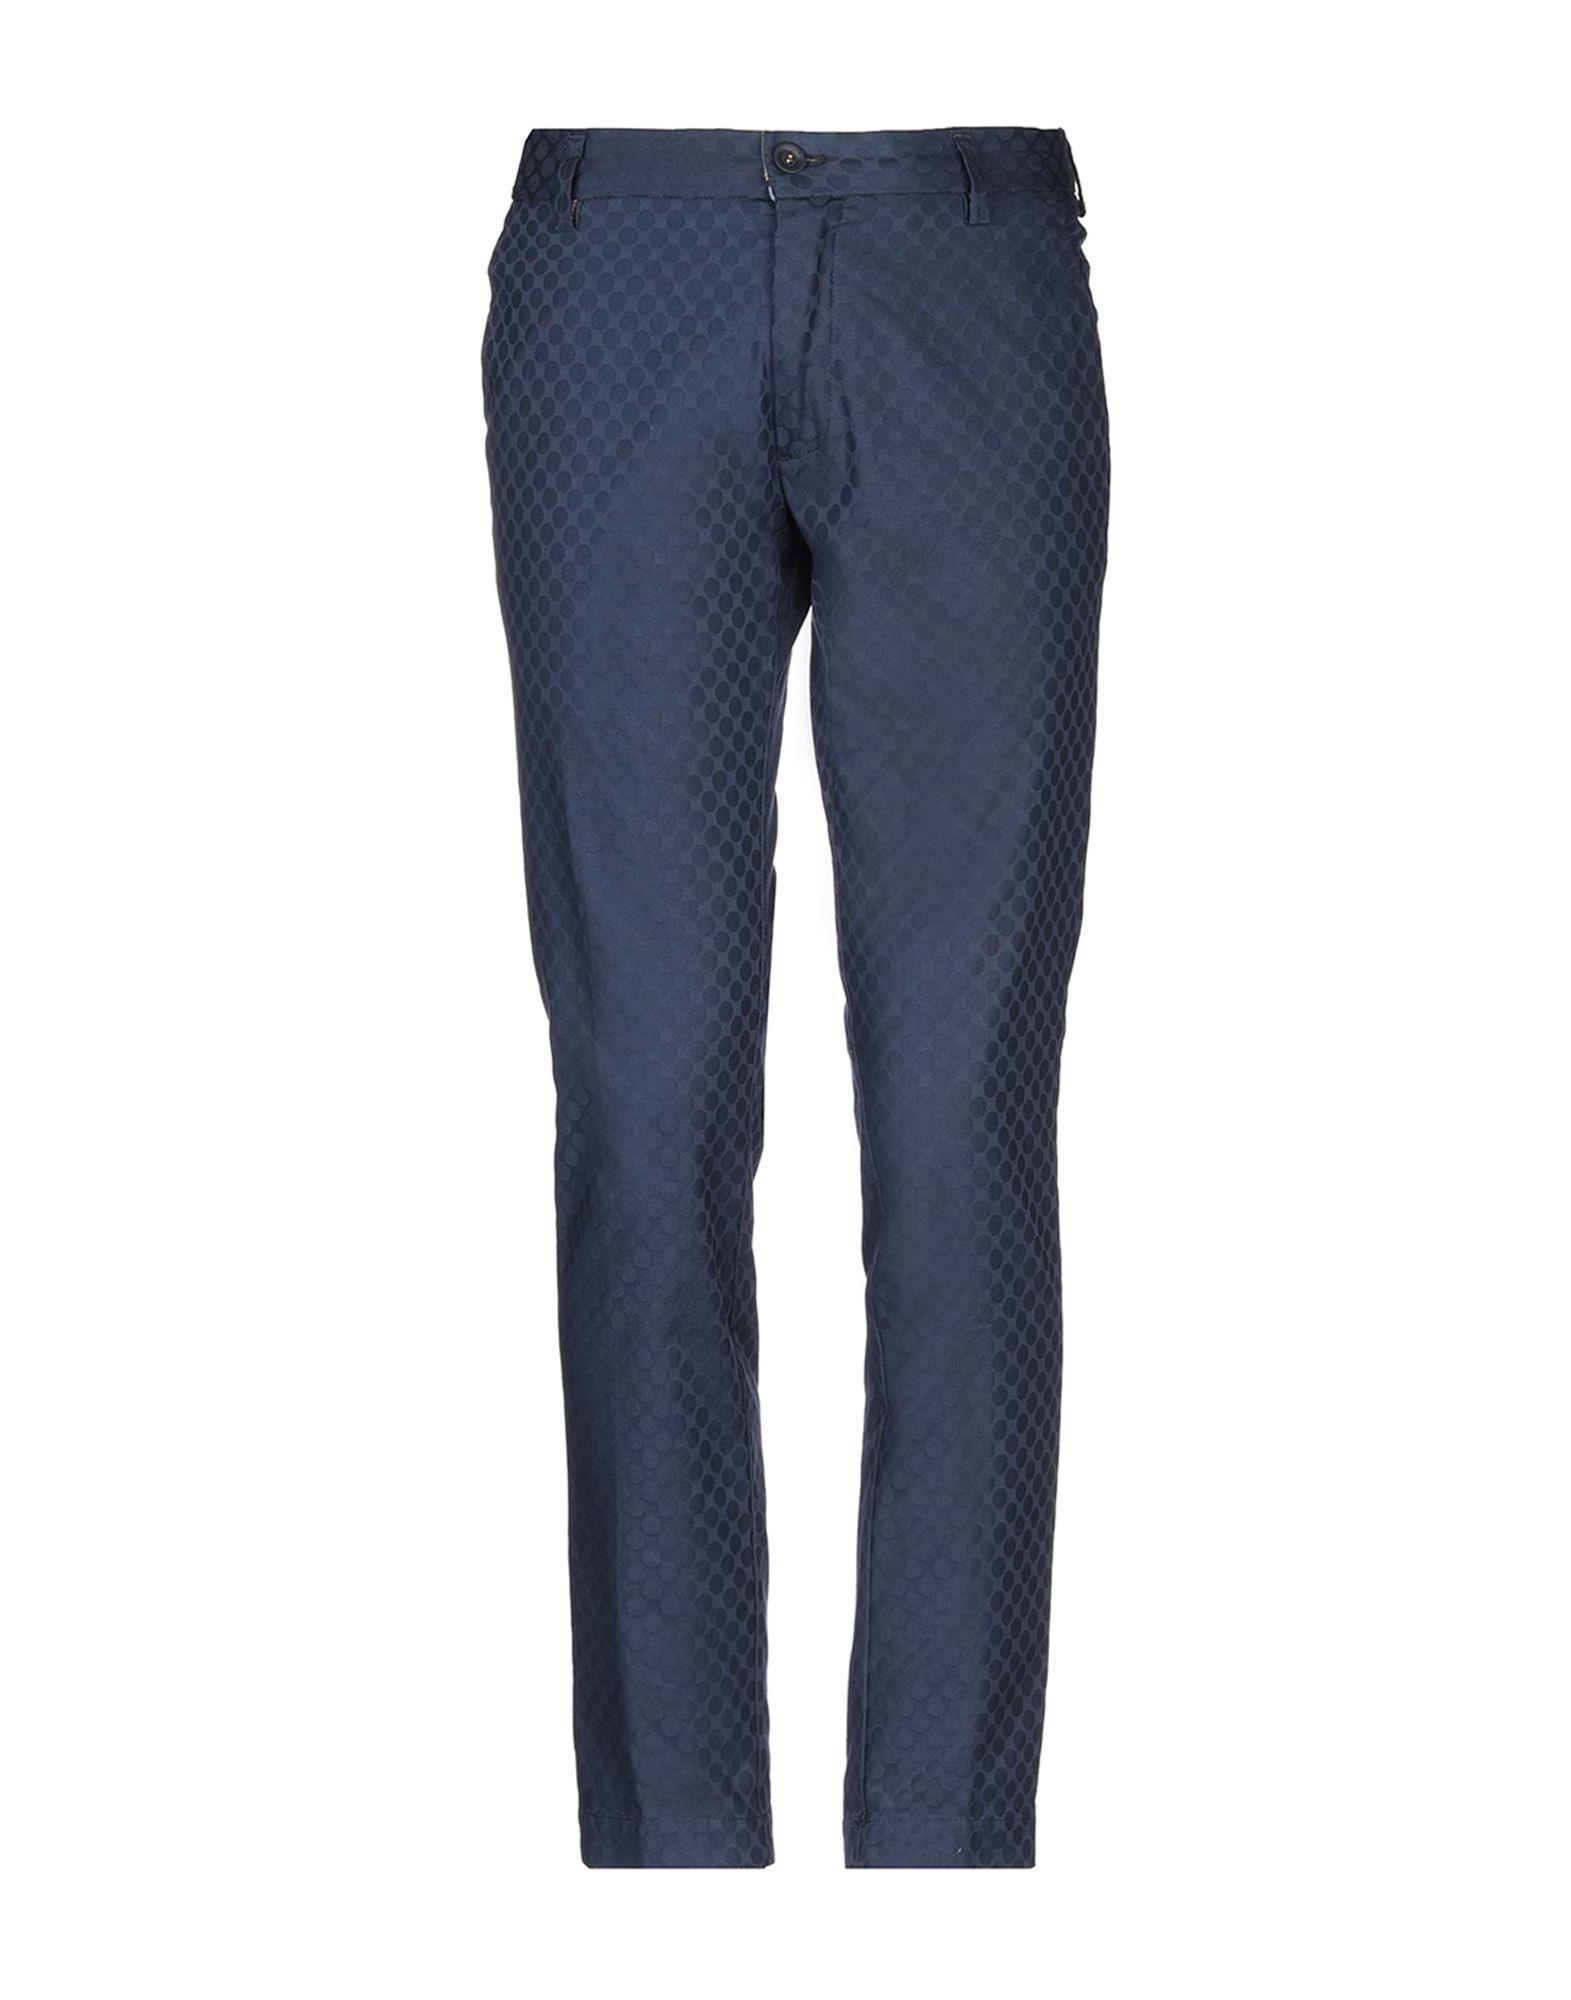 купить KOON Повседневные брюки по цене 2250 рублей